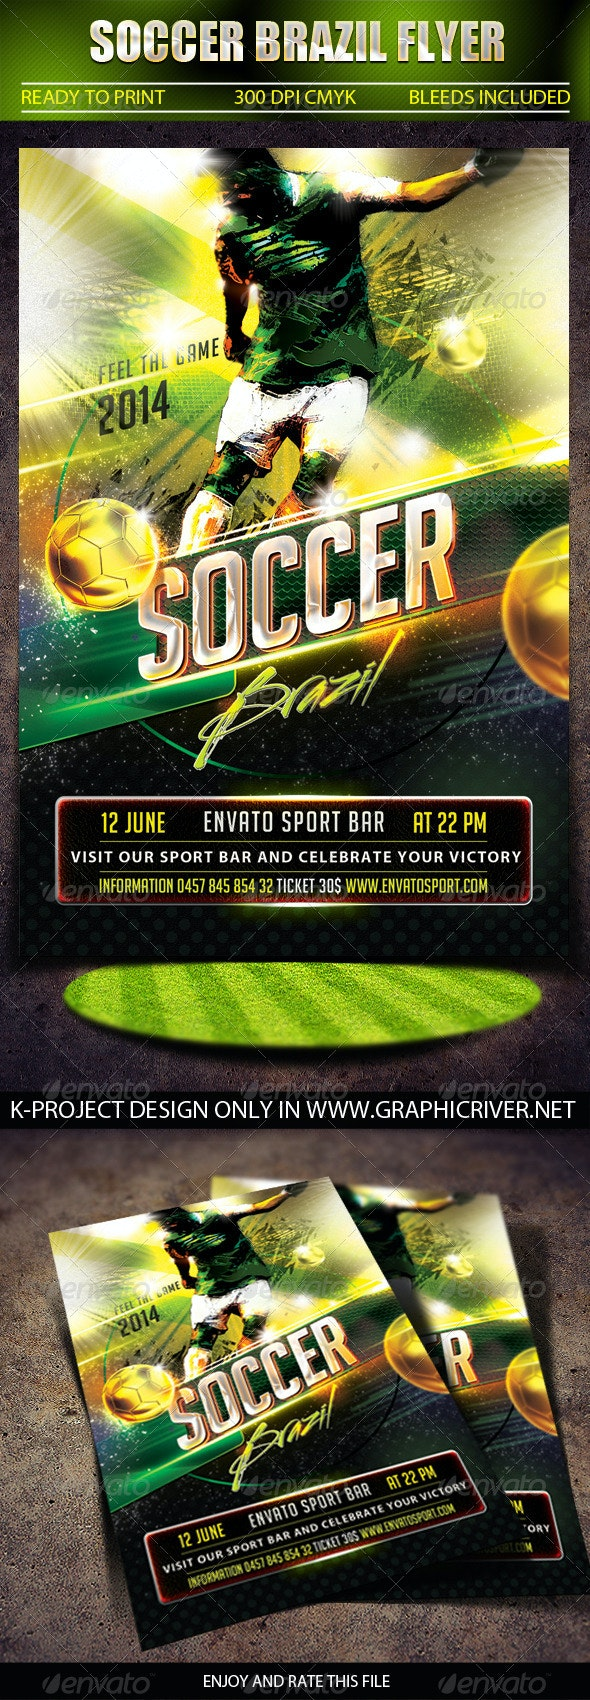 Soccer Brazil Flyer - Sports Events